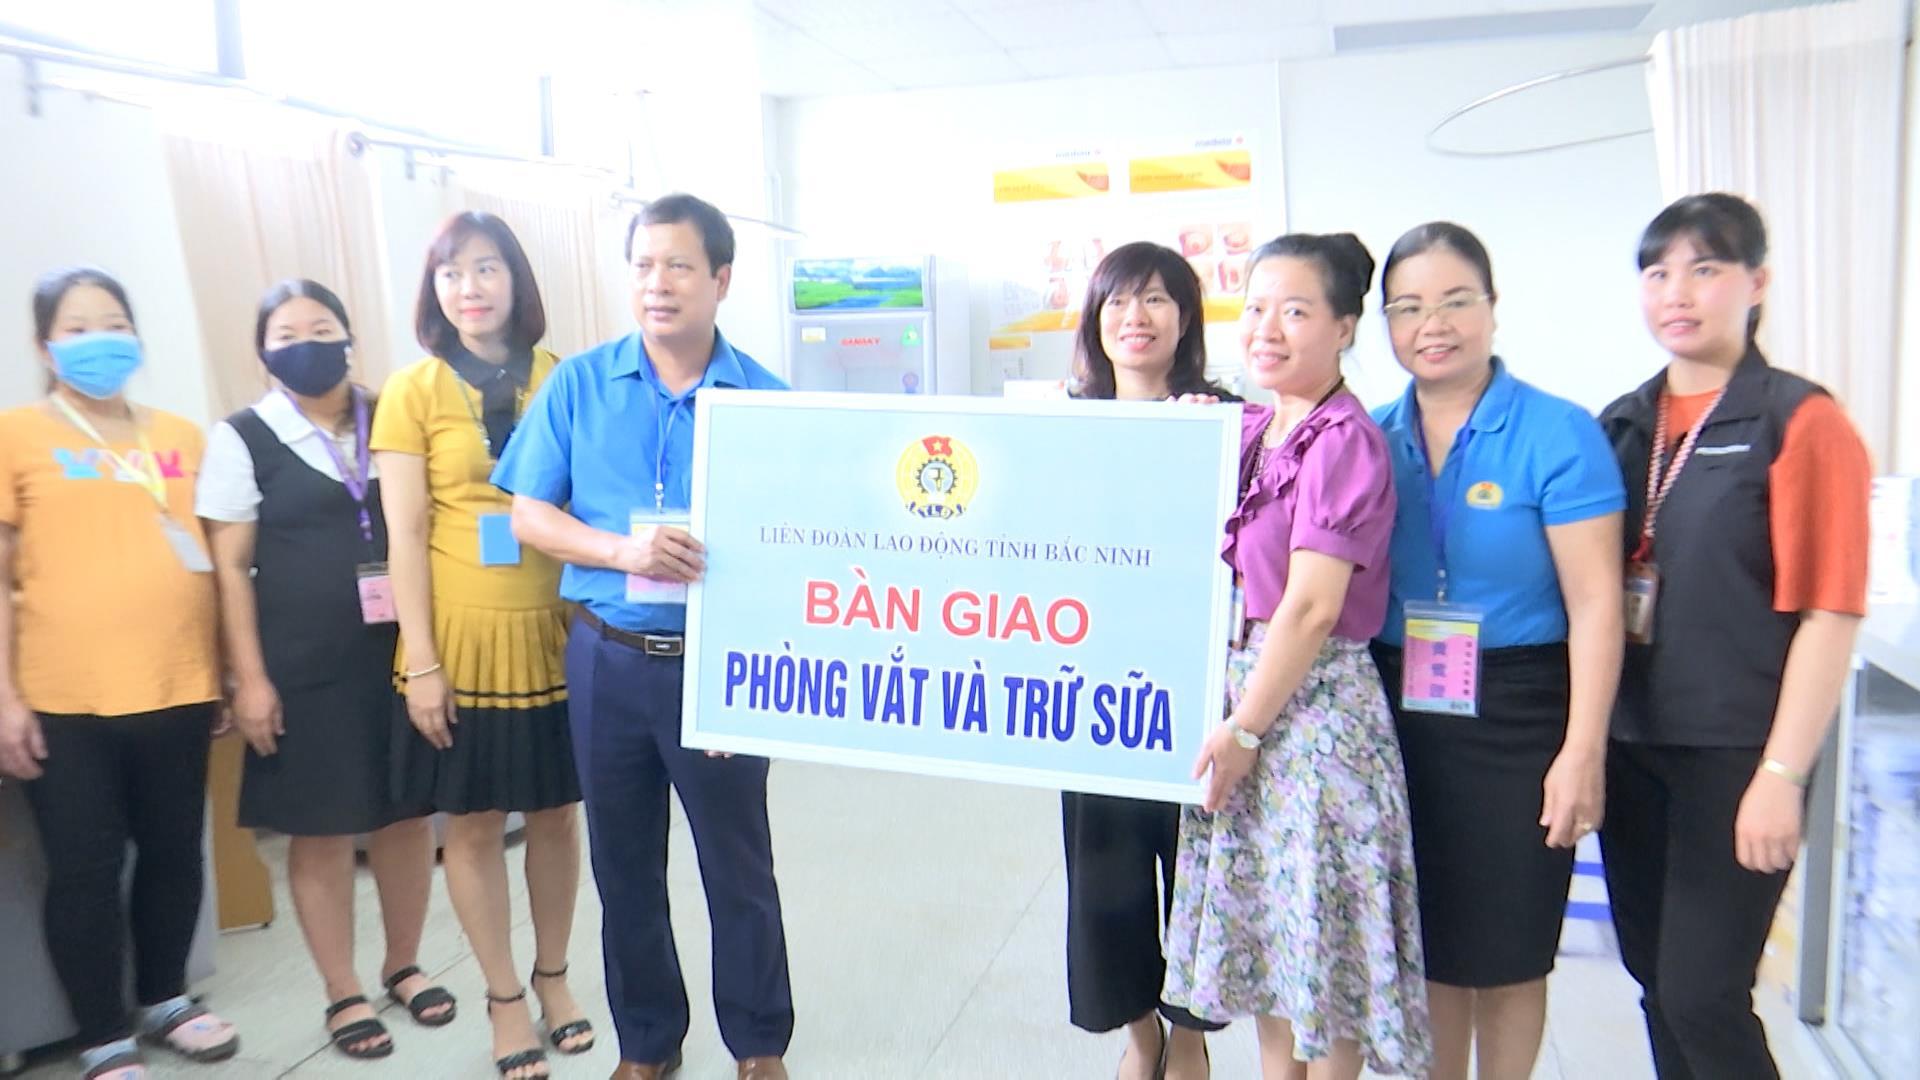 Liên đoàn Lao động tỉnh bàn giao phòng vắt và trữ sữa cho doanh nghiệp